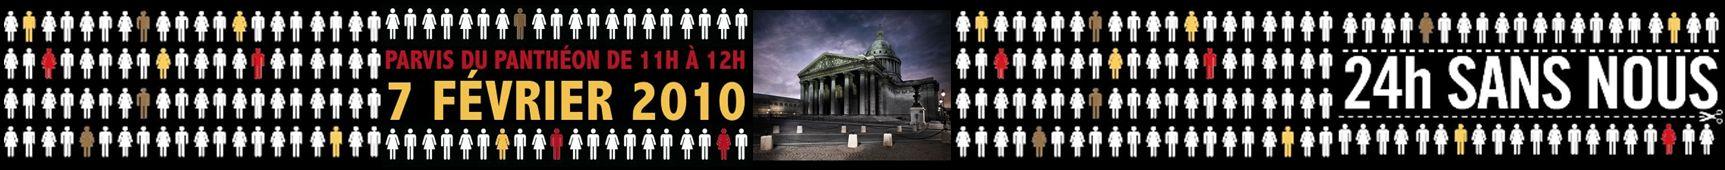 http://xavier.lefaure.free.fr/ljsi/pantheon_1.jpg